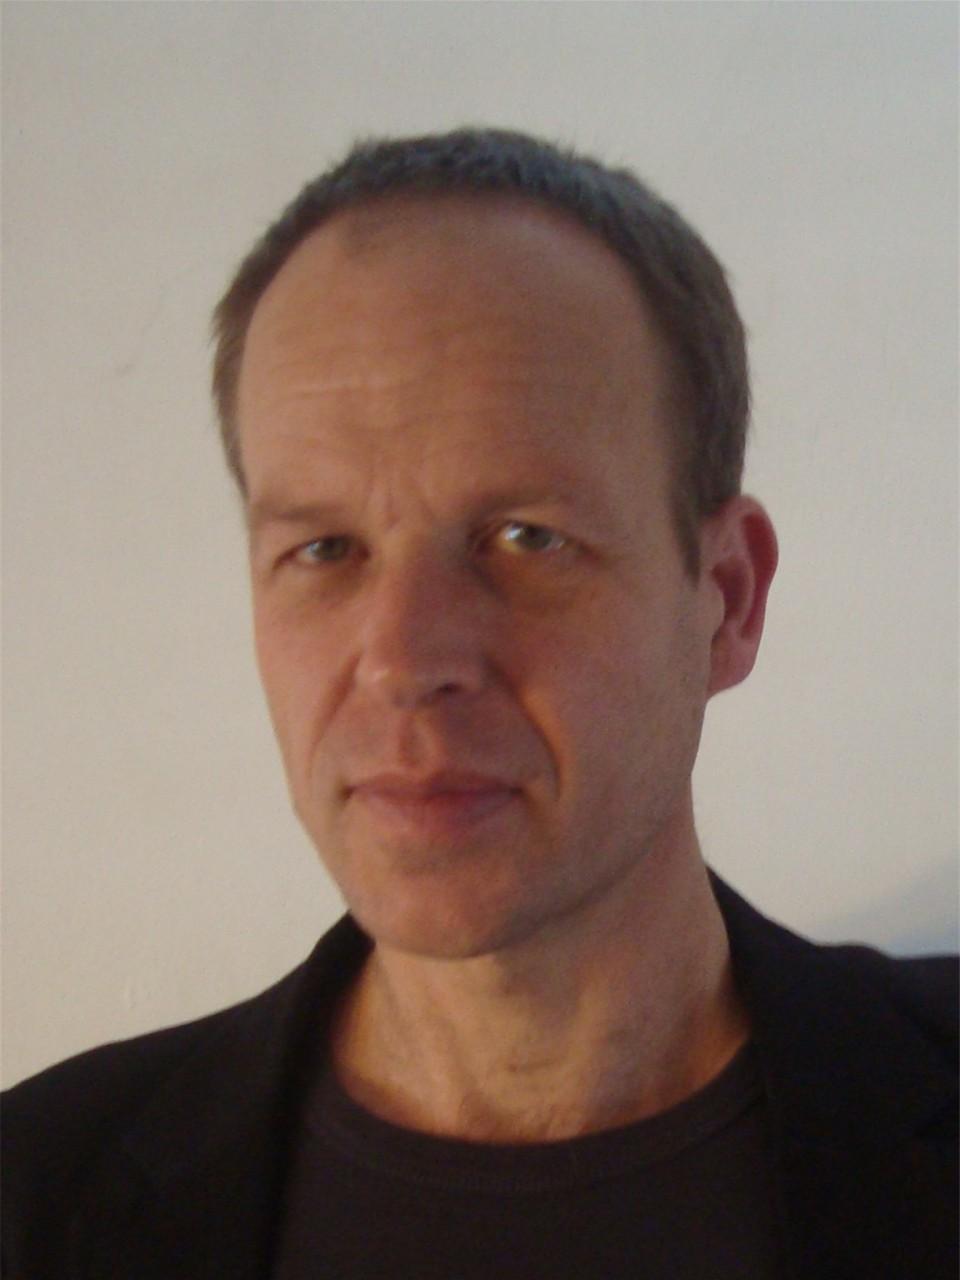 """Bild zu """"Die Klimafrage mit einer neuen sozialen Idee verbinden"""" - Vortrag von Dr. Ulrich Schachtschneider im Forum St. Peter"""